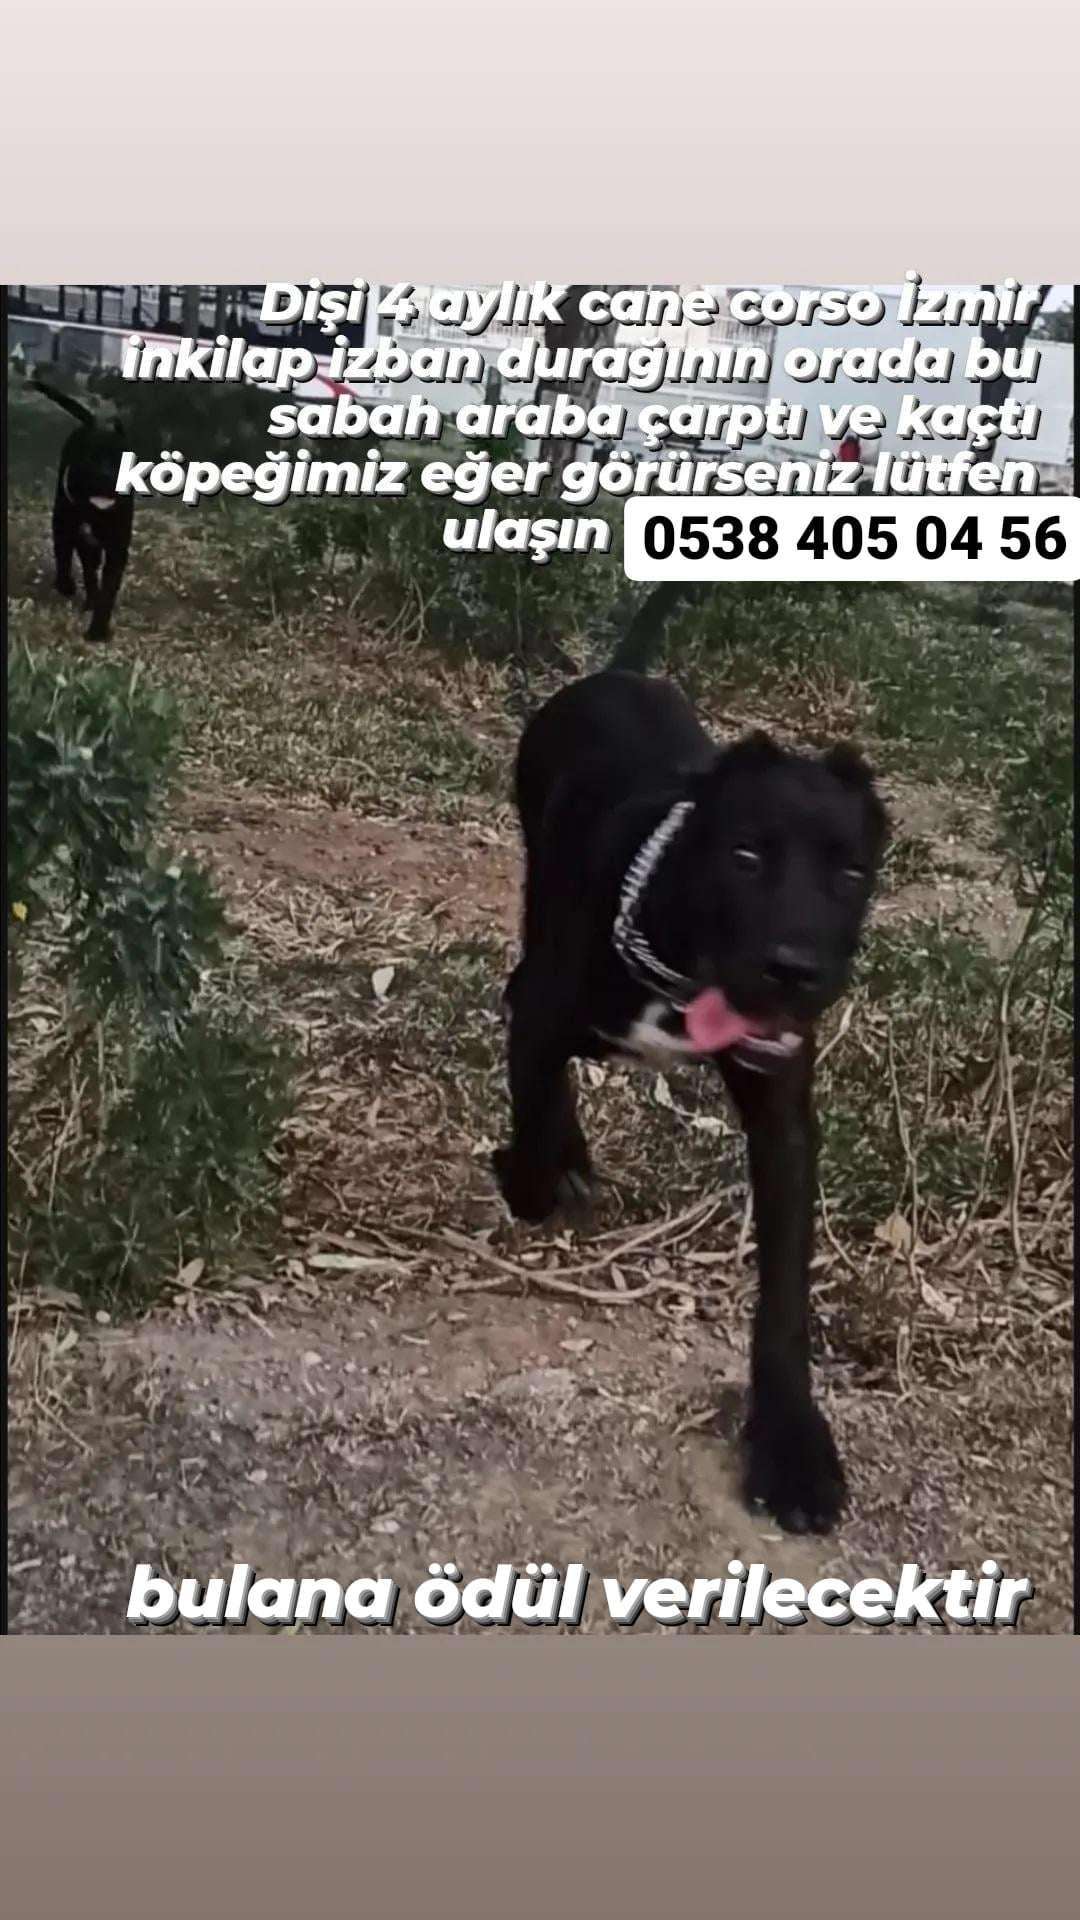 4 aylık dişi cane corso kayıp İzmir Buca Göksu mahallesi